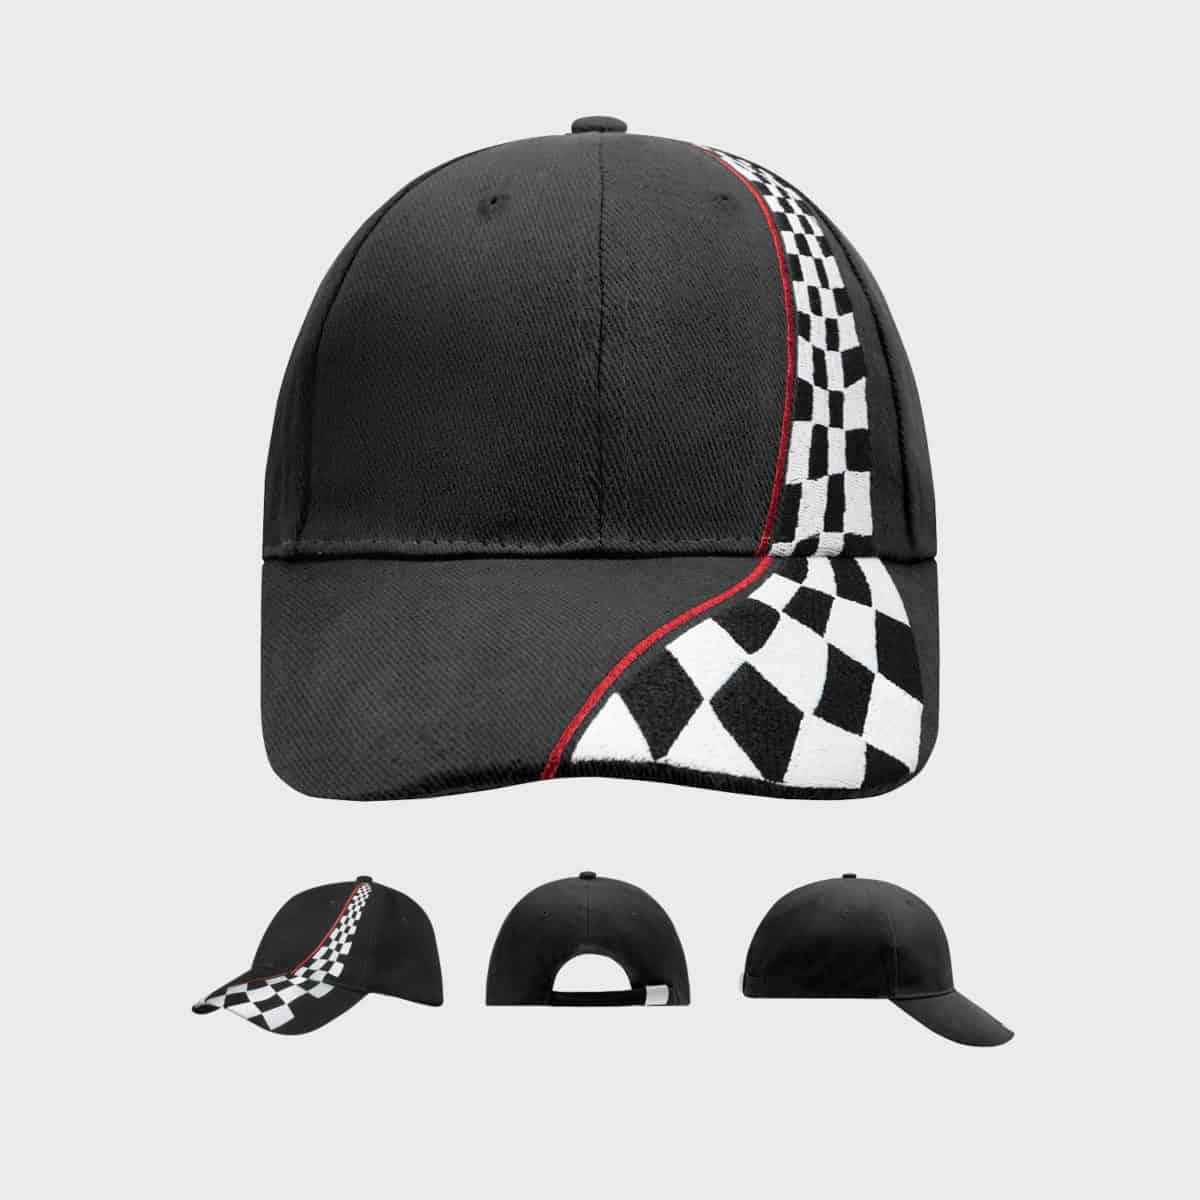 racing-cap-6-panel-unisex-black-kaufen-besticken_stickmanufaktur